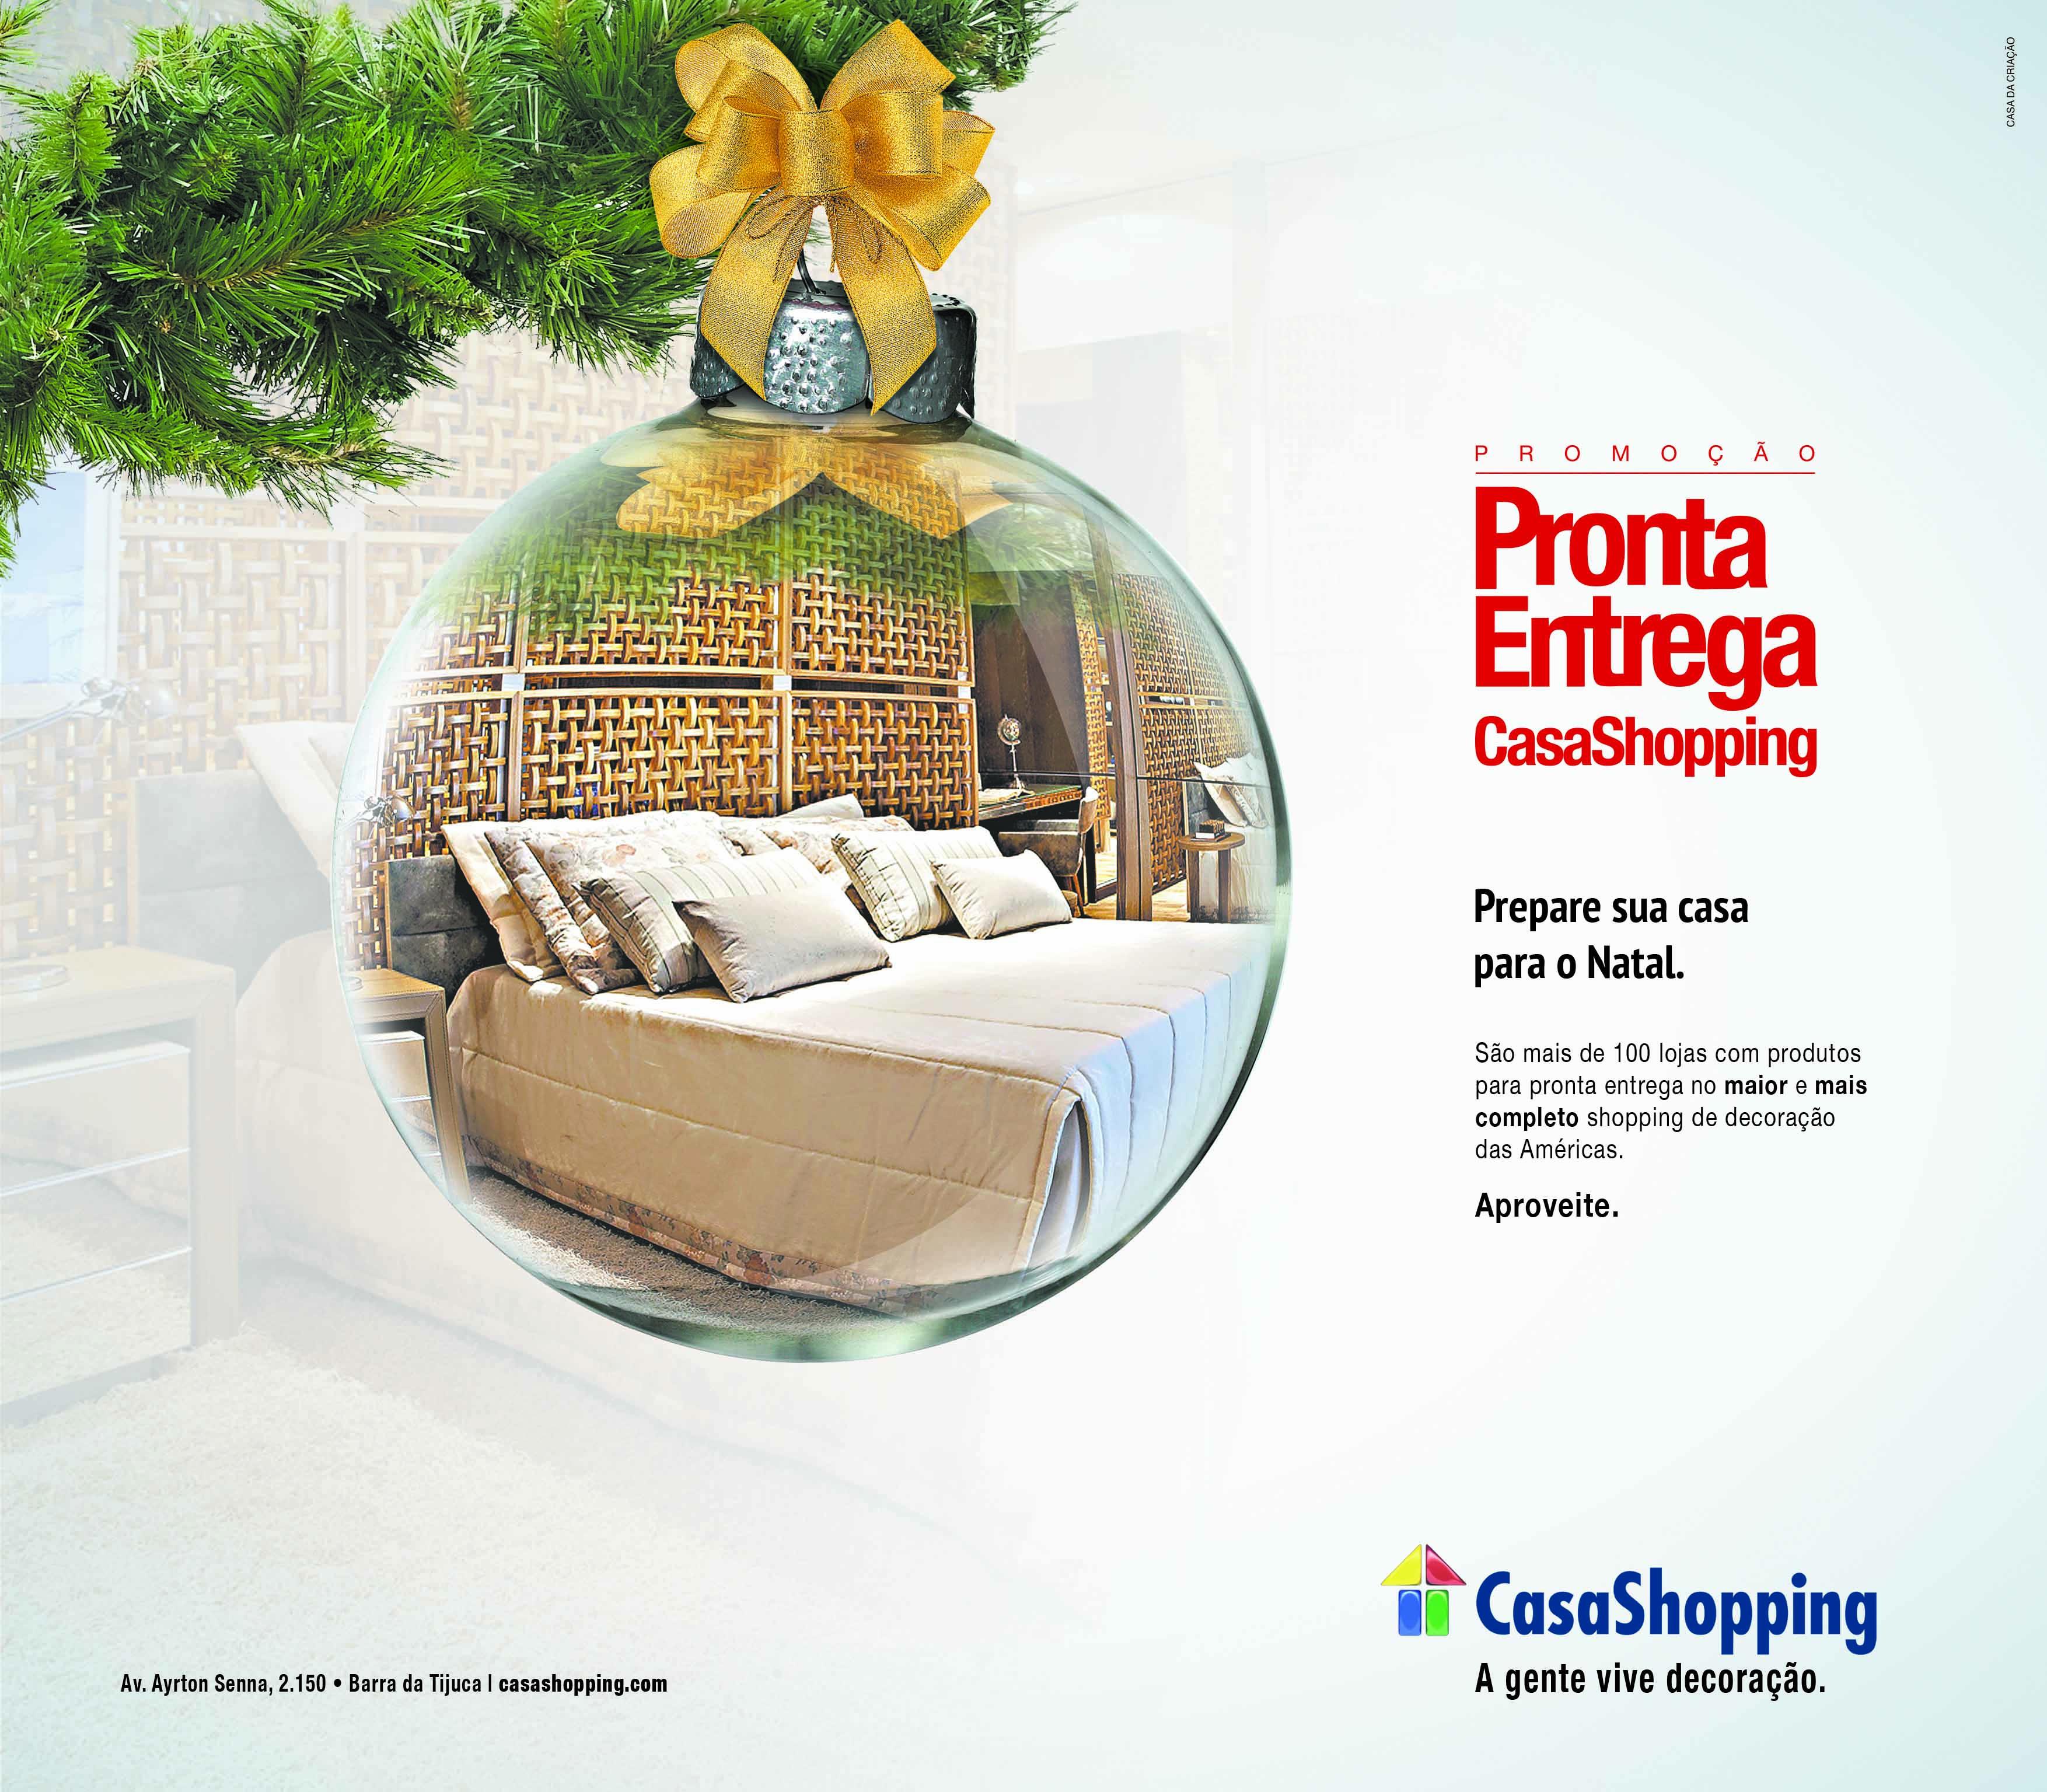 CasaShopping promove mês de Pronta Entrega